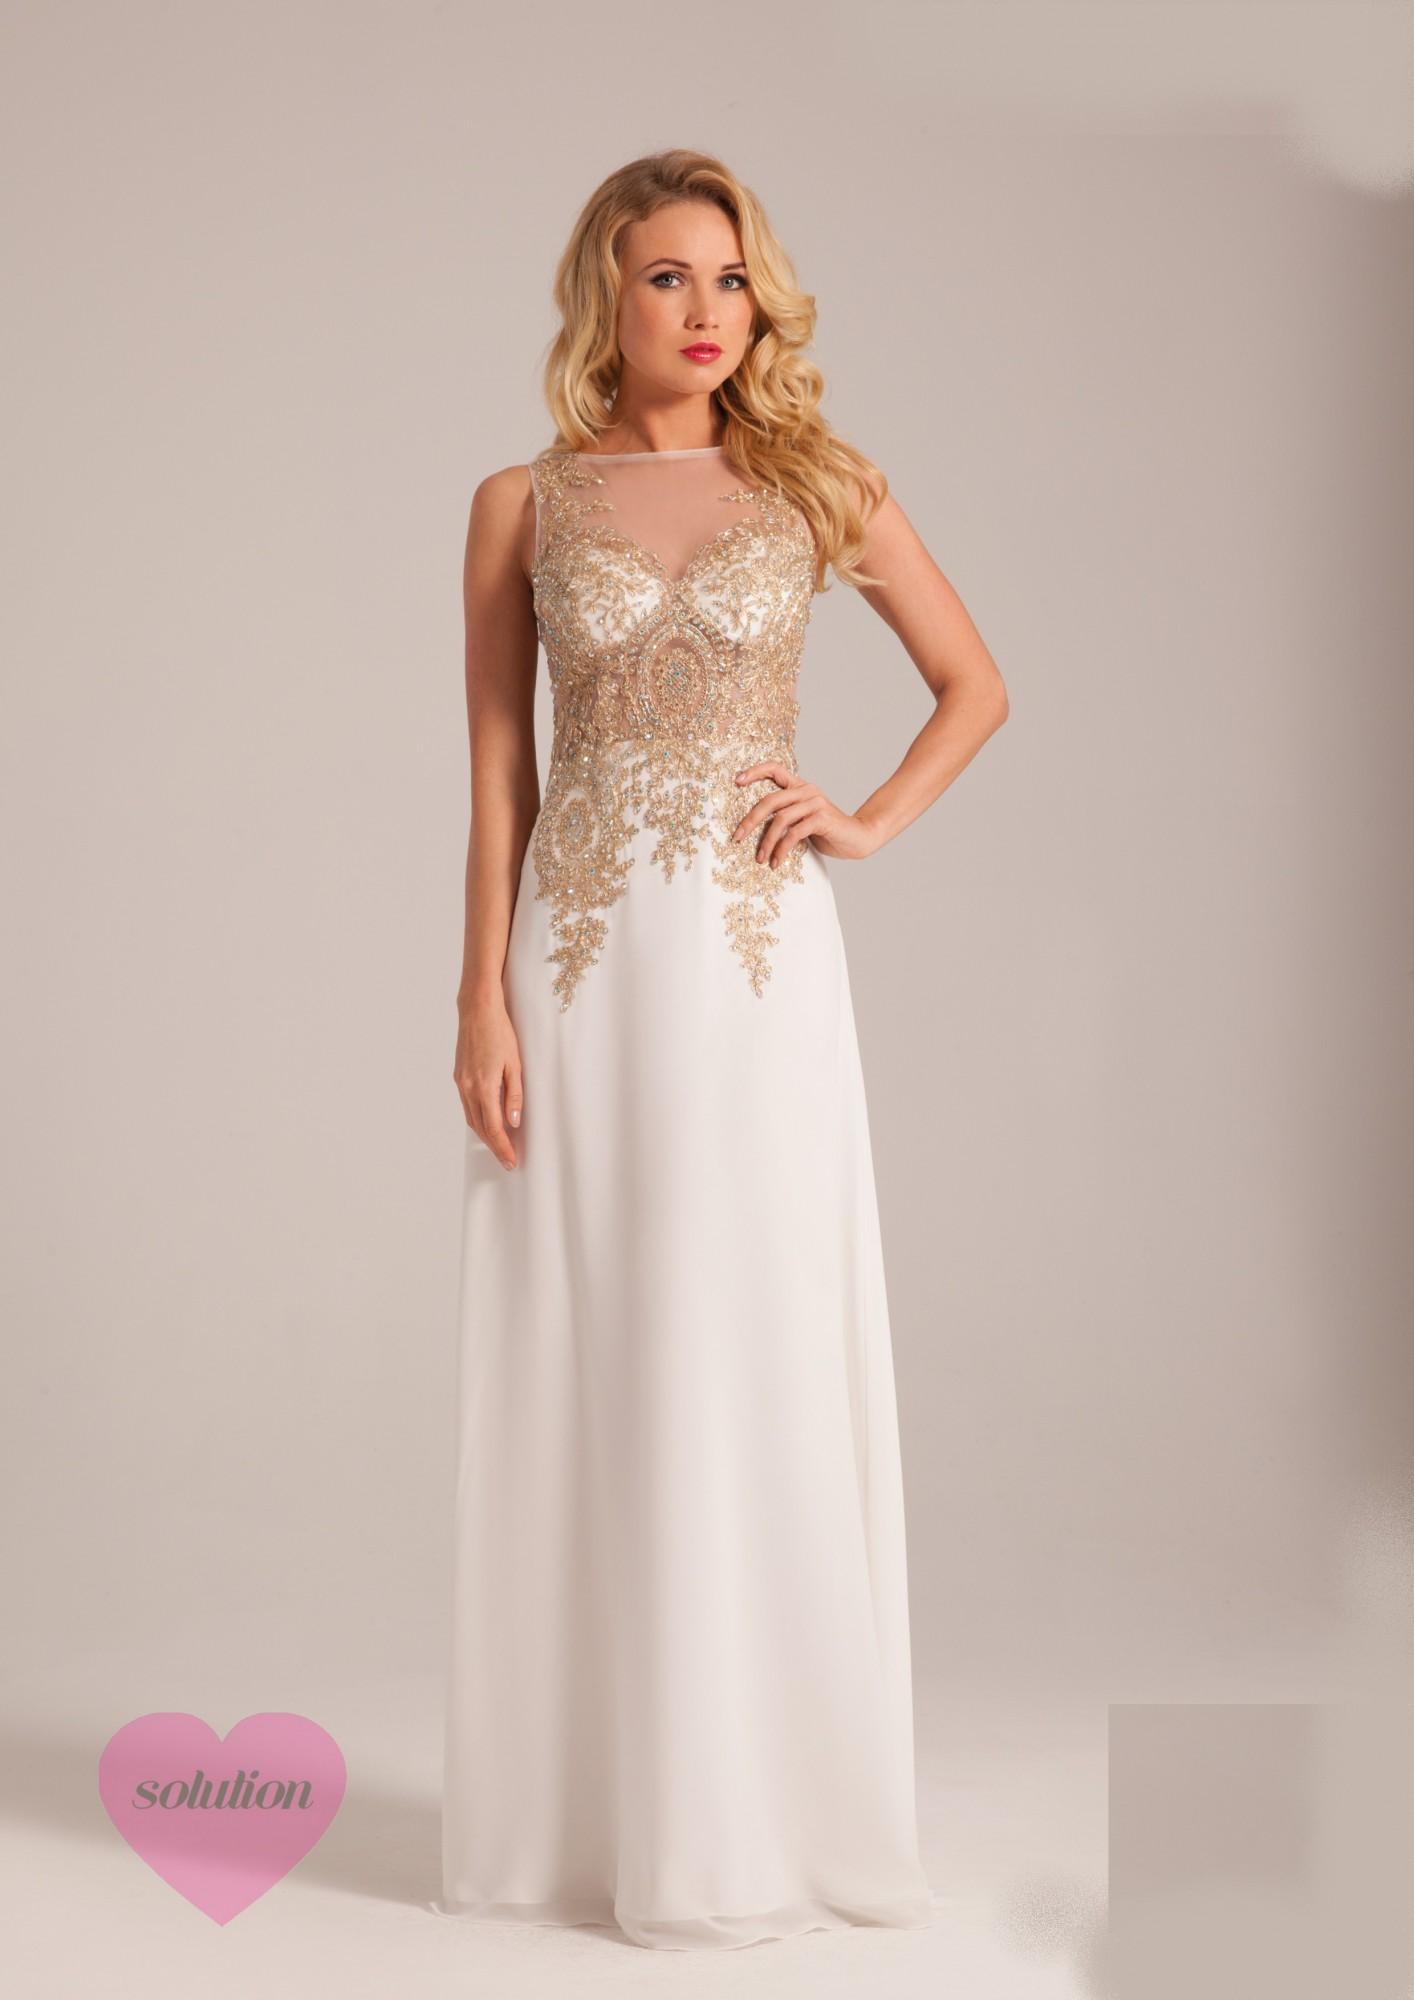 Modele de robe de soirée